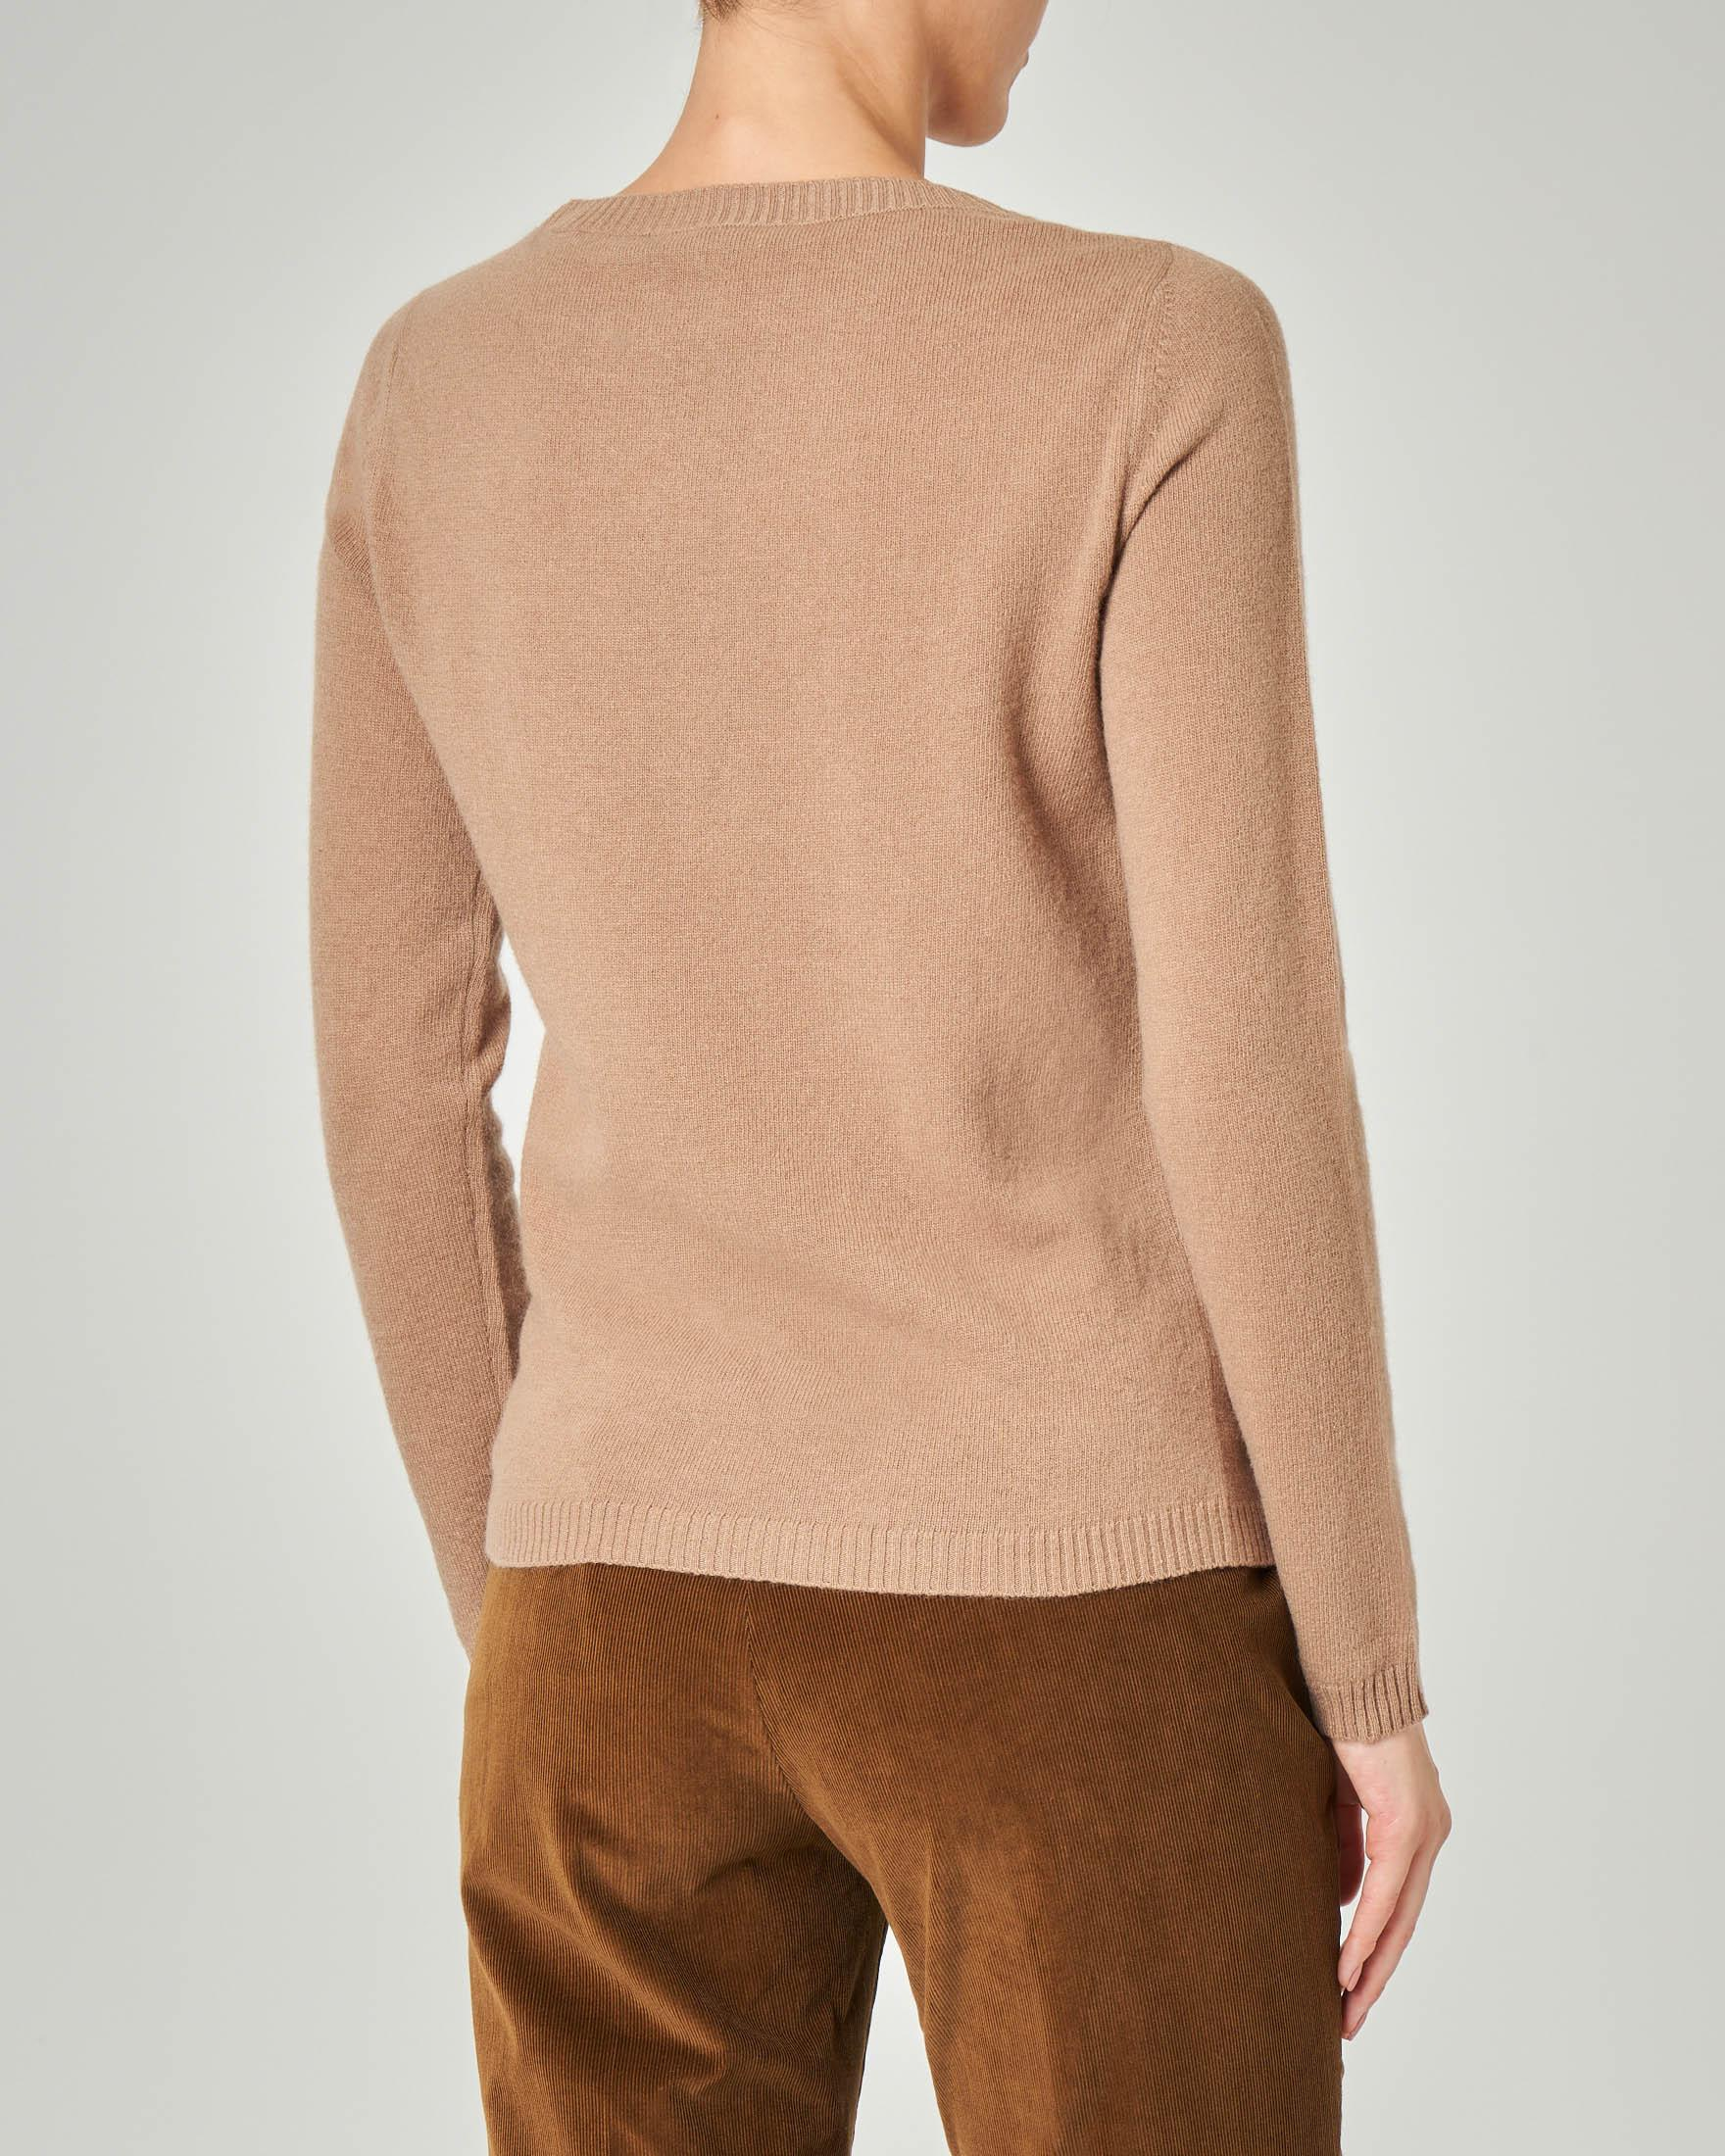 Maglia color cammello girocollo in lana vergine